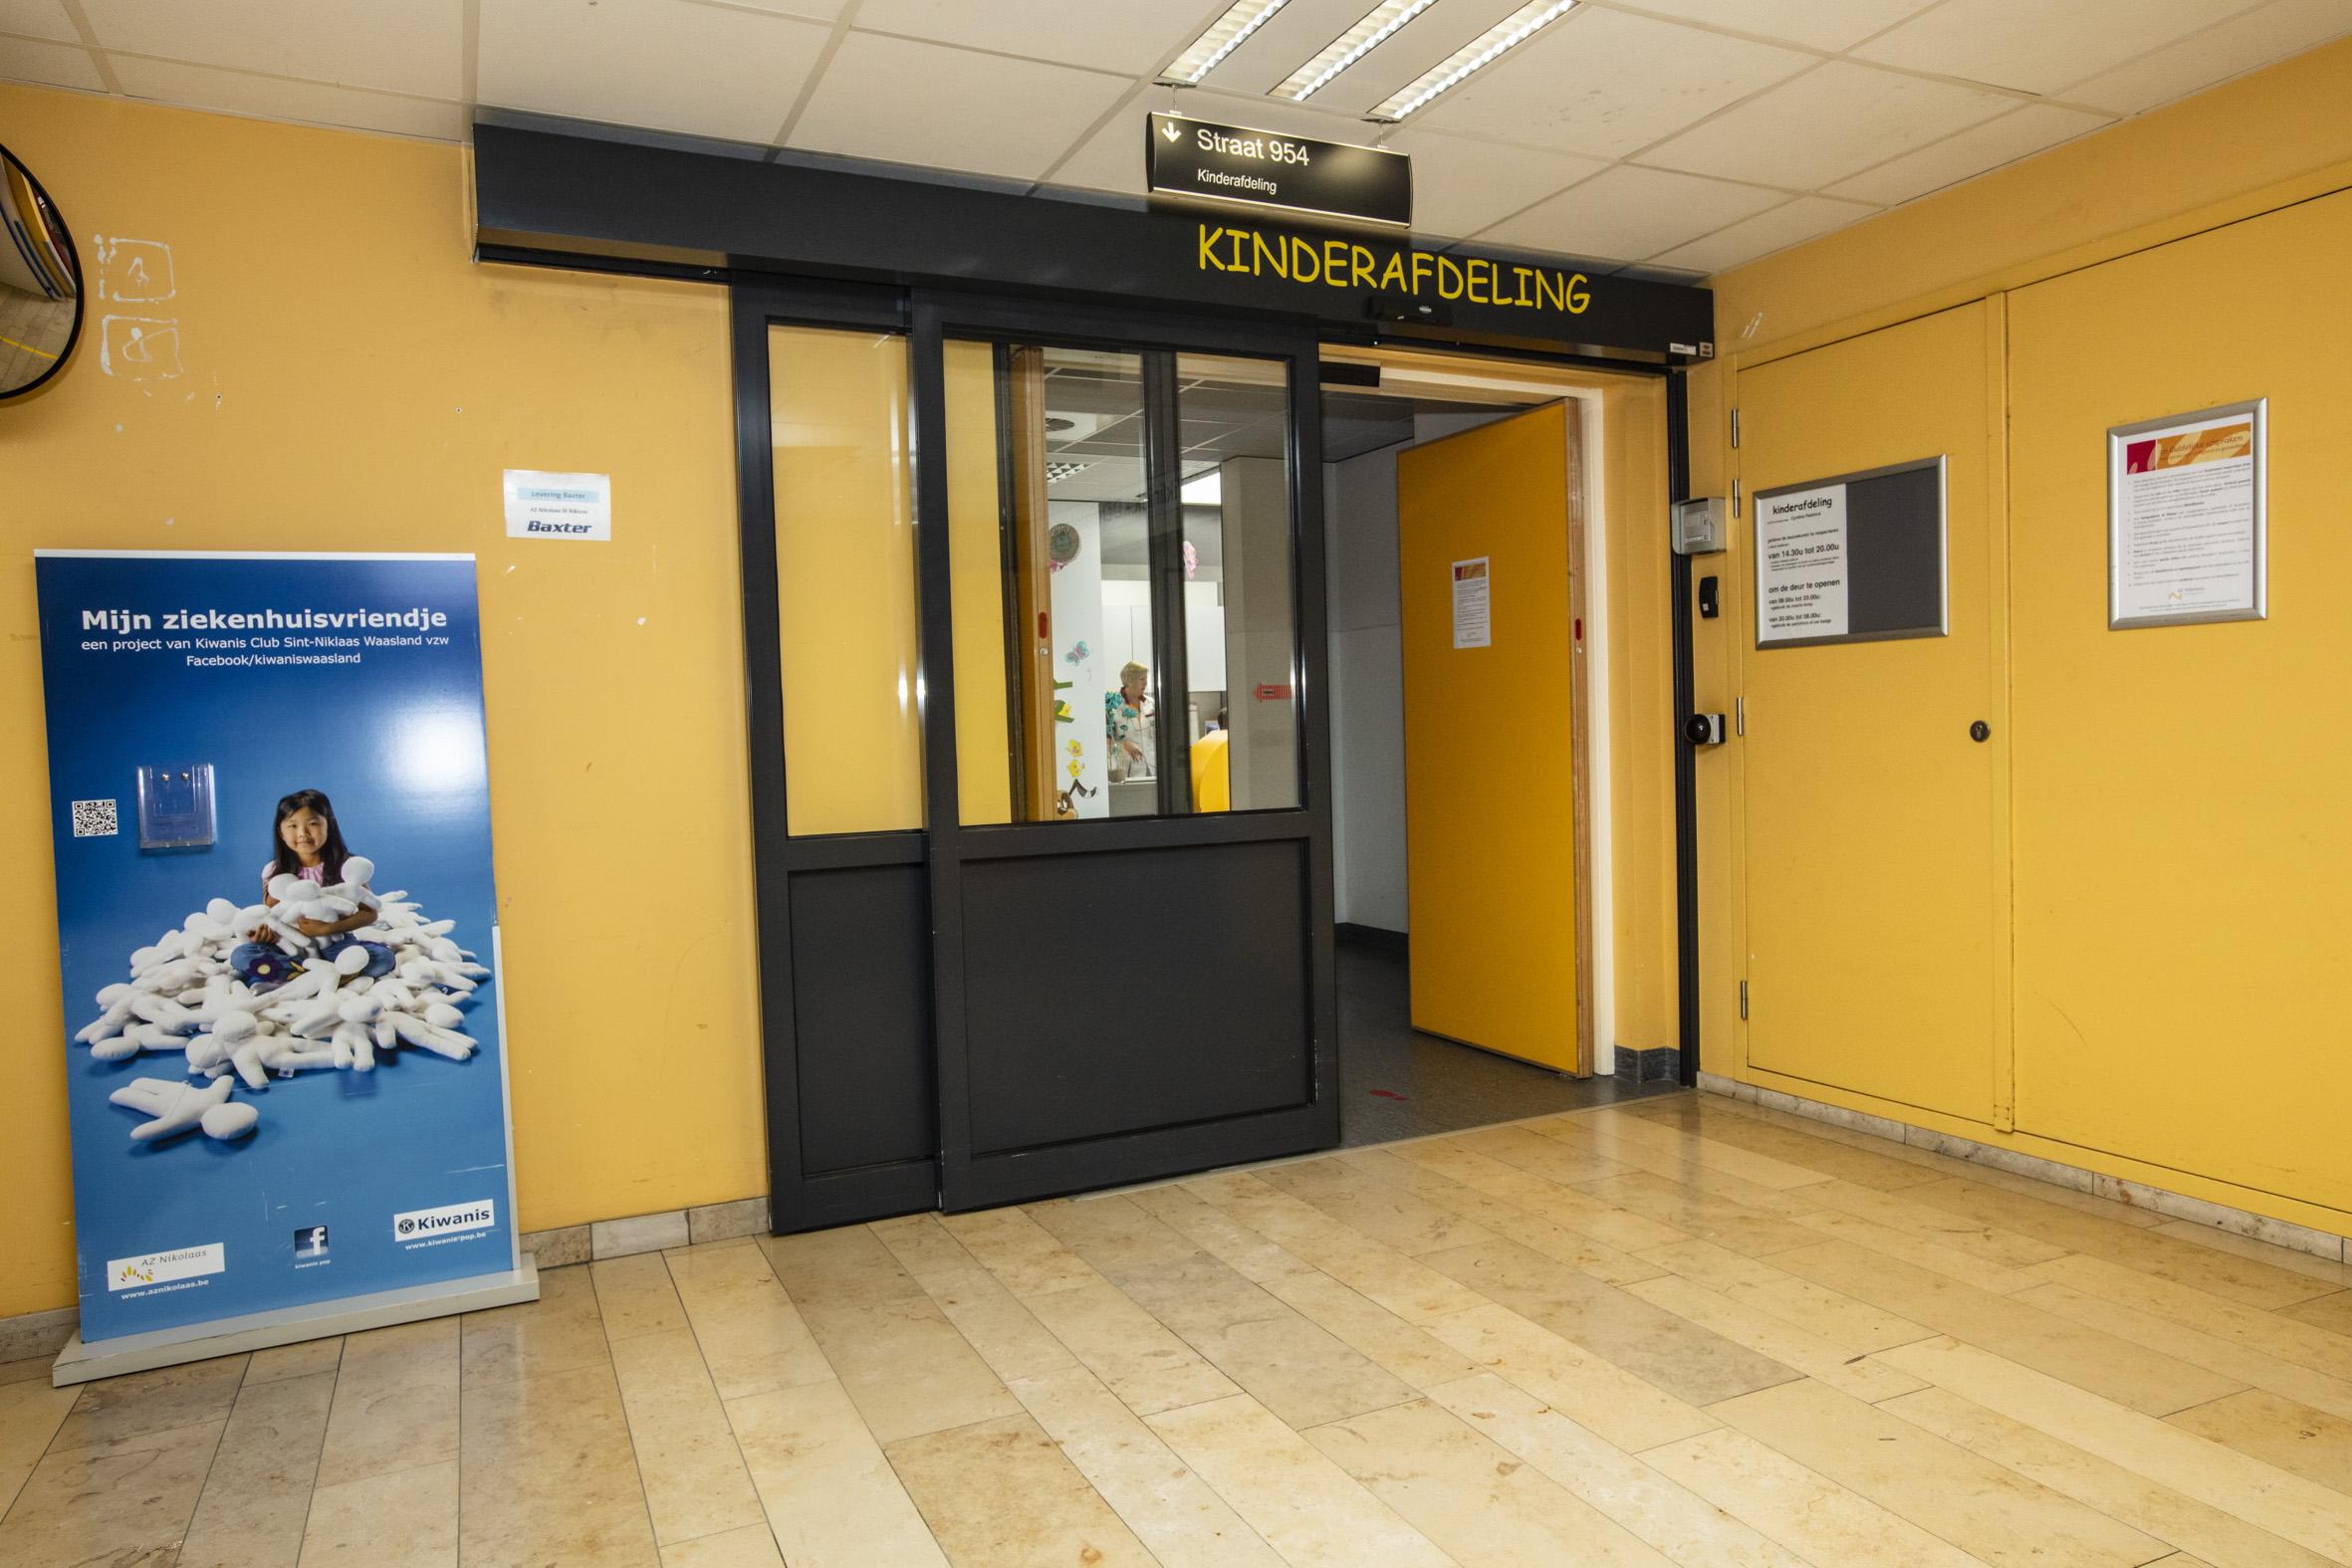 De ingang naar de kinderafdeling